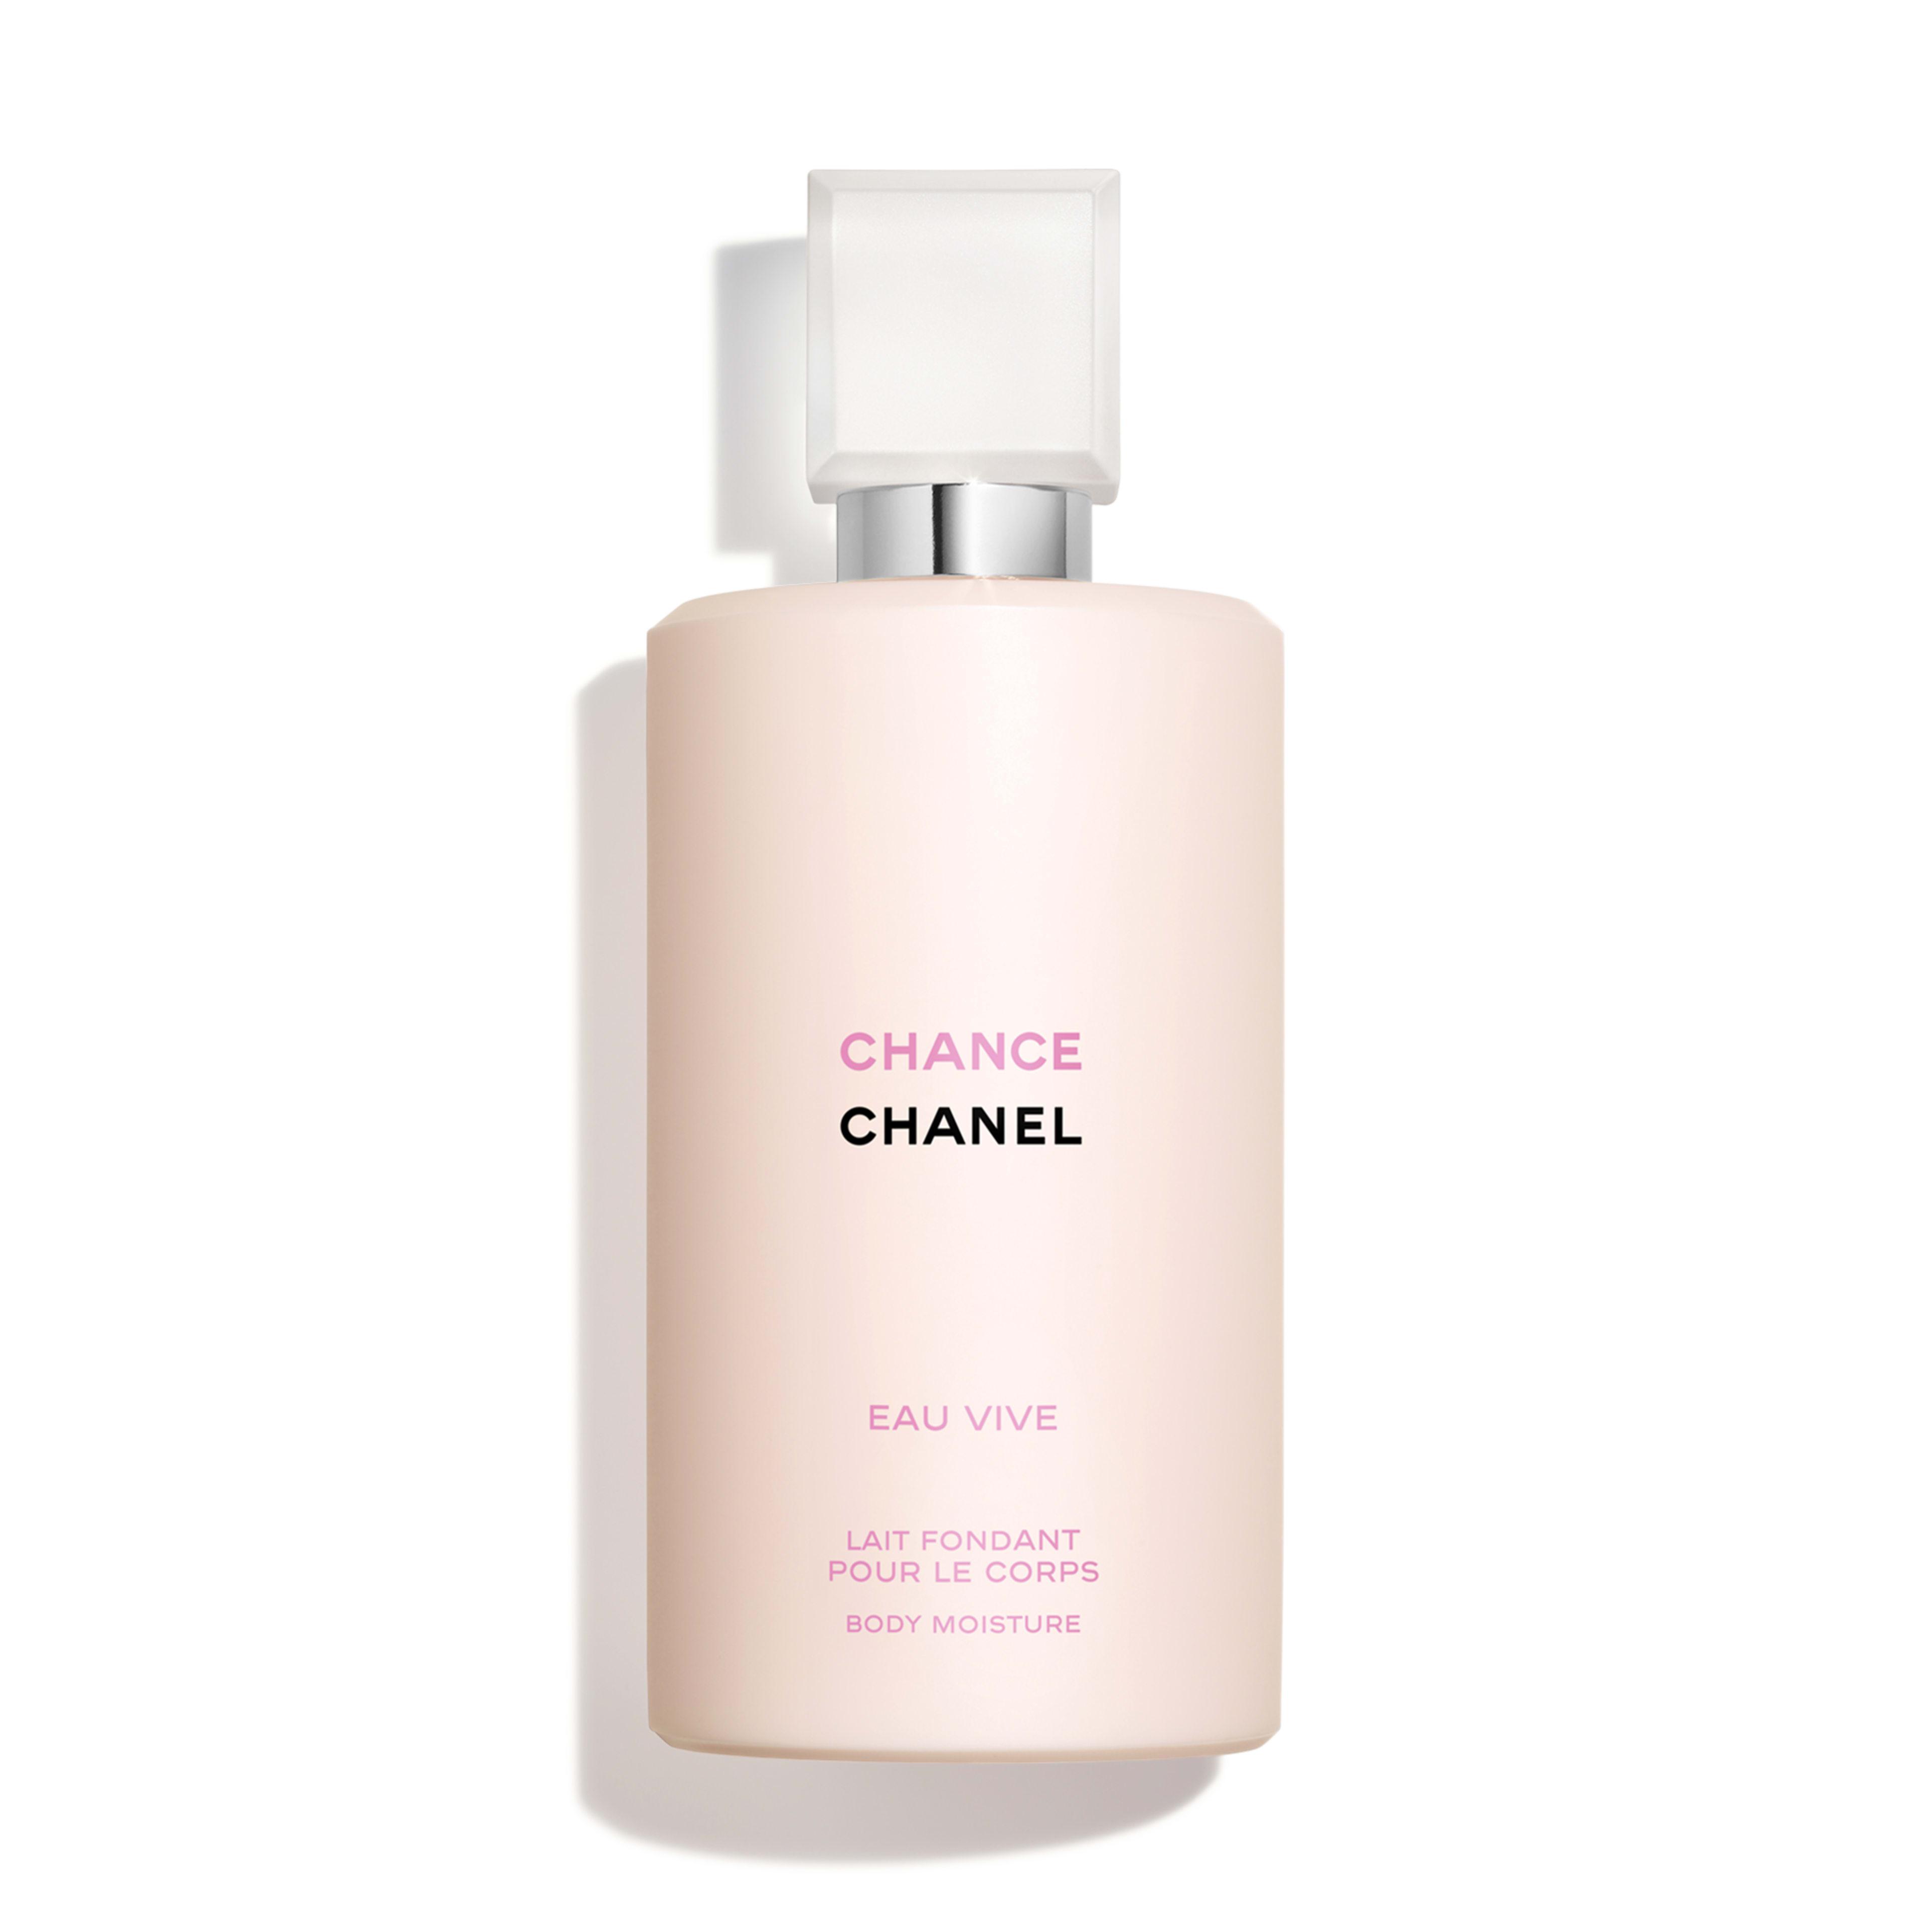 CHANCE EAU VIVE - fragrance - 6.8FL. OZ. - Default view